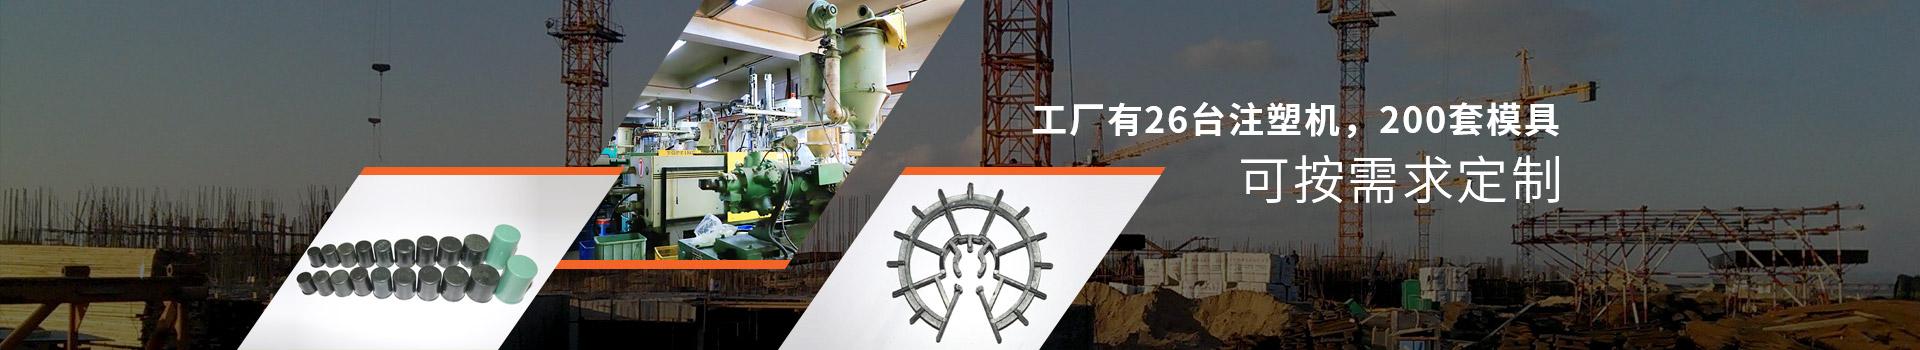 松茂工厂有26台注塑机,200套模具,可按需定制